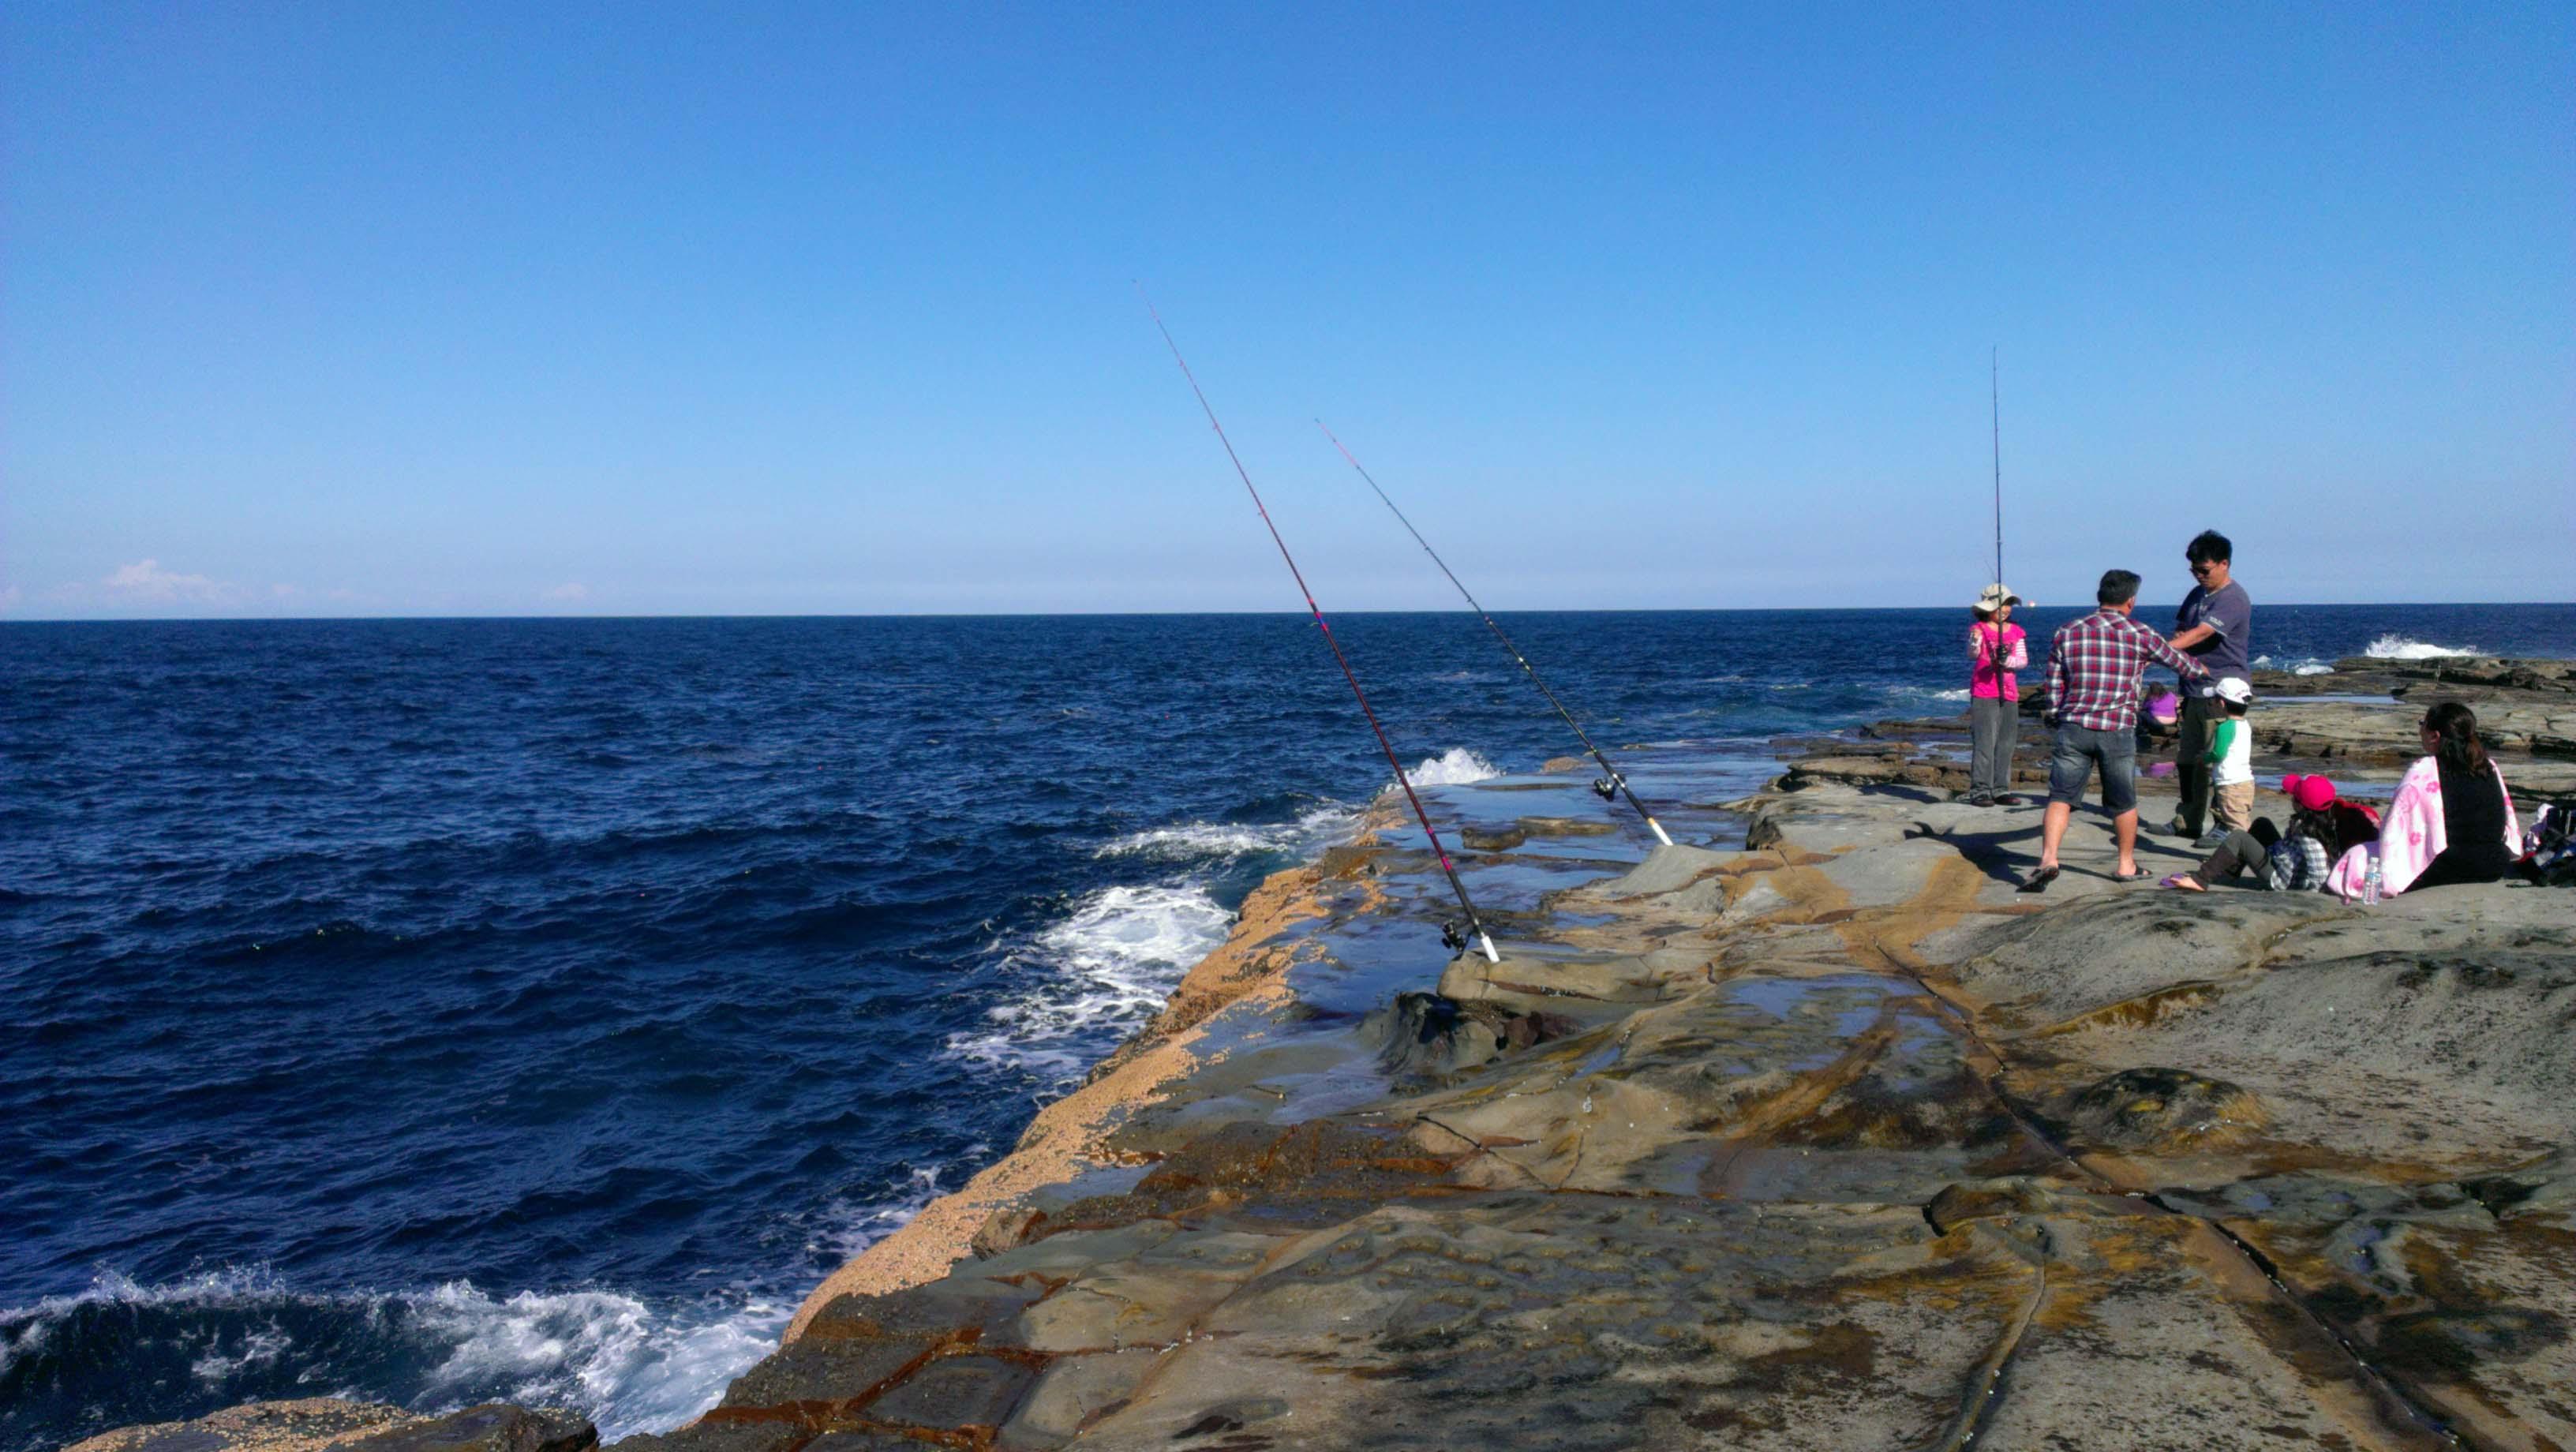 terrigal fishing industry | terrigal.com.au